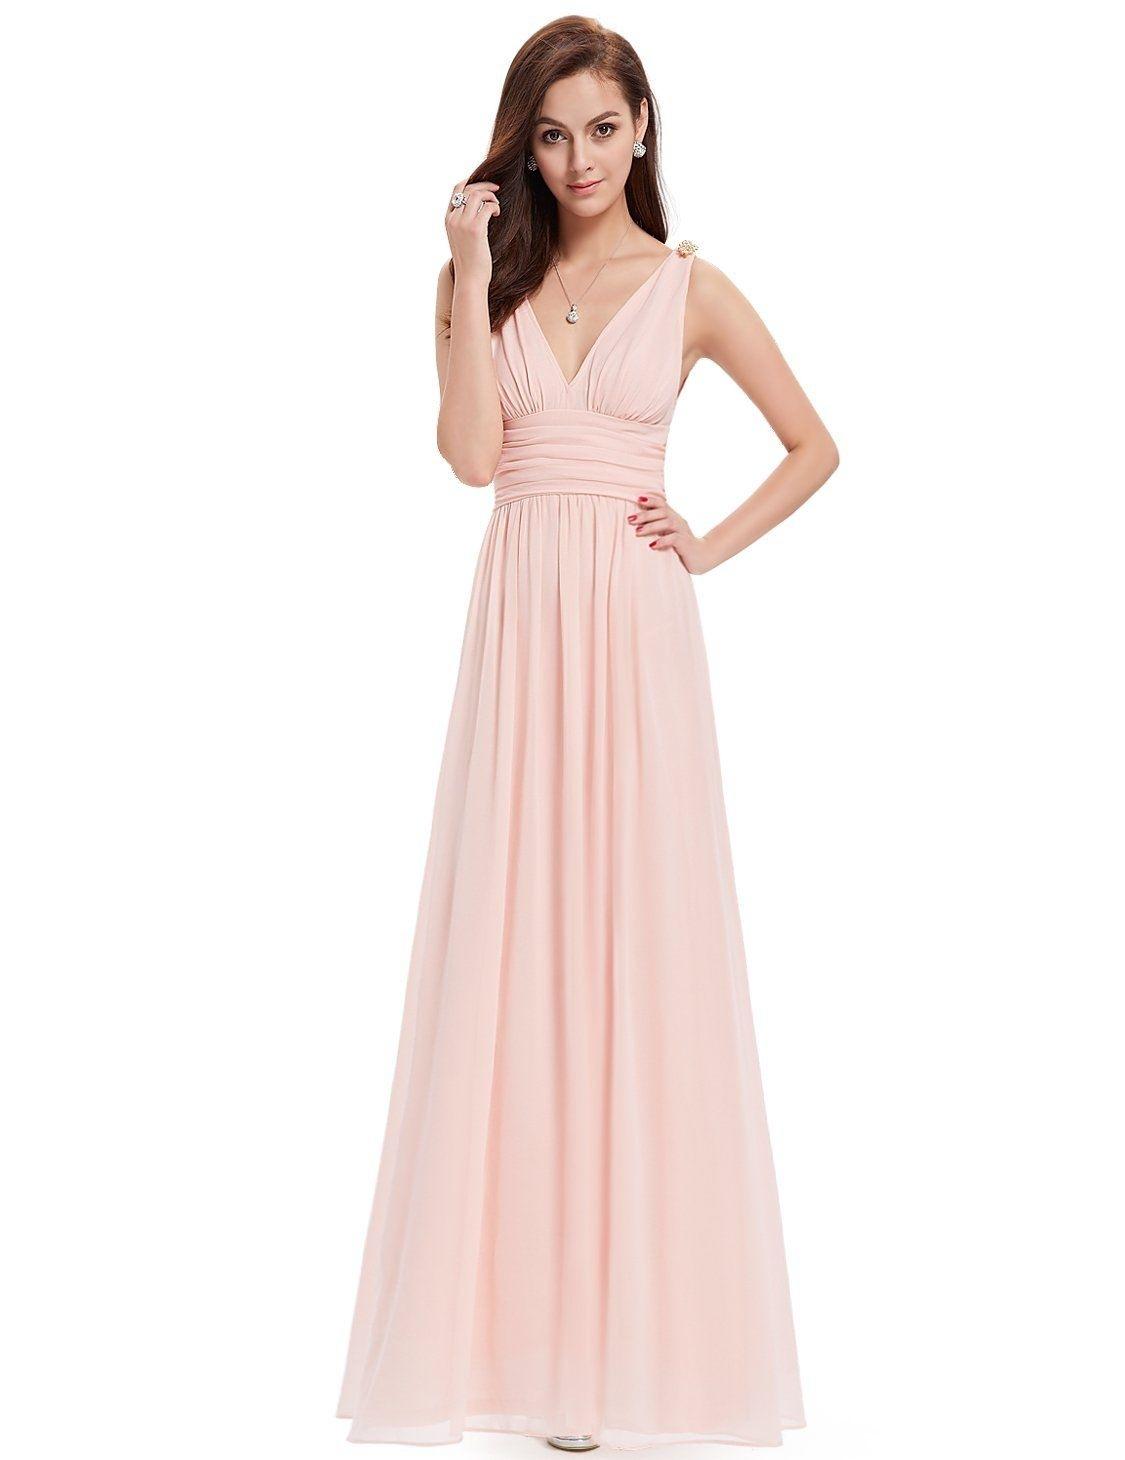 17 Luxurius Kleider Für Hochzeitsgäste Lang Design Fantastisch Kleider Für Hochzeitsgäste Lang Galerie